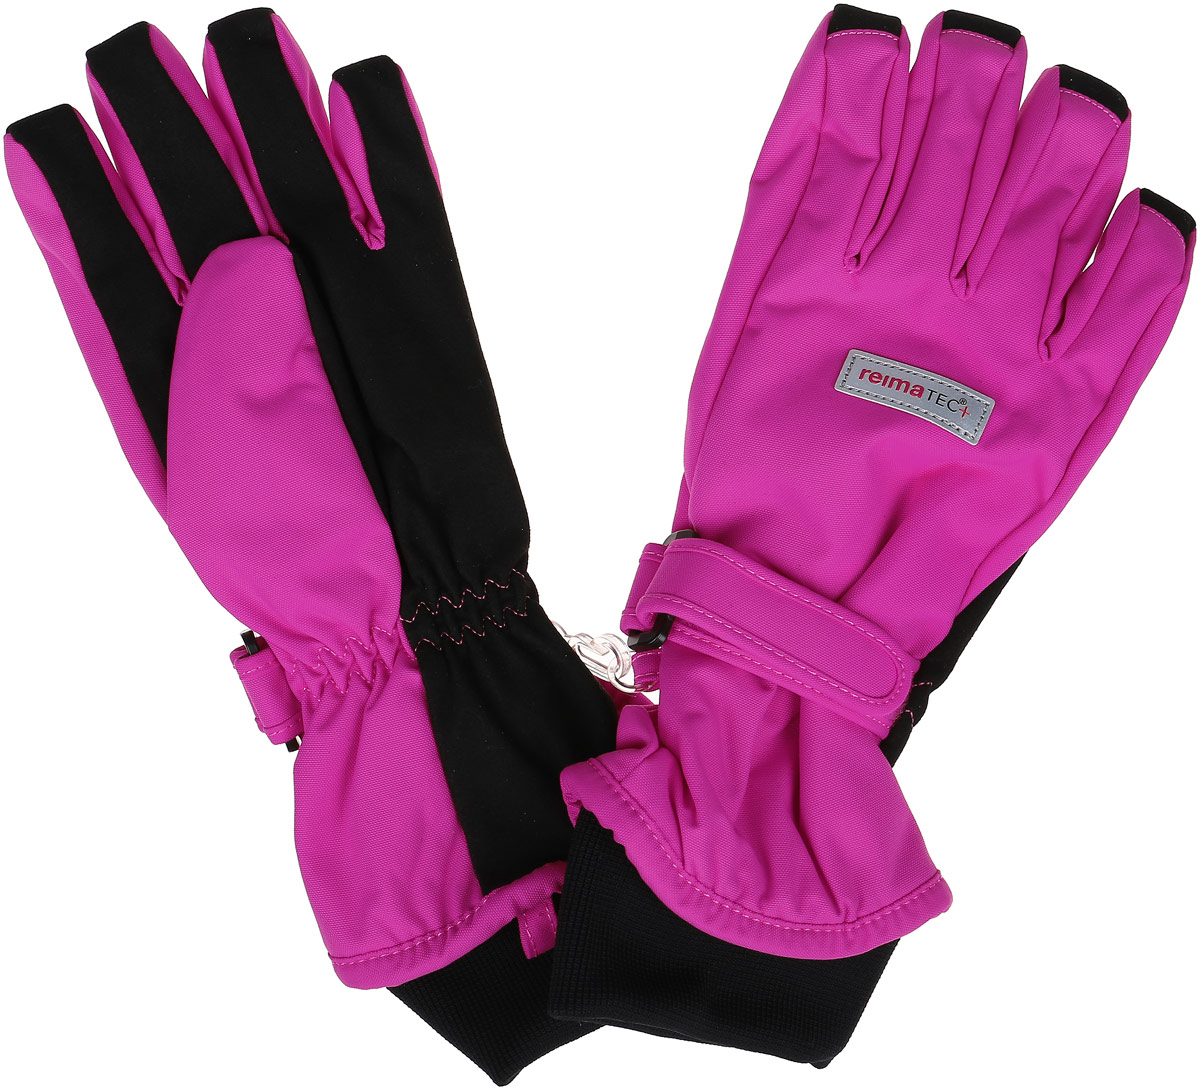 Перчатки детские Reima Reima Reimatec+ Pivo, цвет: розовый. 527255-4620. Размер 7527255_4620Детские перчатки Reima Reima Reimatec+ Pivo станут идеальным вариантом для холодной зимней погоды. На подкладке используется высококачественный полиэстер, который хорошо удерживает тепло.Для большего удобства на запястьях перчатки дополнены хлястиками на липучках с внешней стороны, а на ладошках, кончиках пальцев и с внутренней стороны большого пальца - усиленными водонепроницаемыми вставками Hipora. Теплая флисовая подкладка дарит коже ощущение комфорта и уюта. С внешней стороны перчатки оформлены светоотражающими нашивками с логотипом бренда.Перчатки станут идеальным вариантом для прохладной погоды, в них ребенку будет тепло и комфортно. Водонепроницаемость: Waterpillar over 10 000 mm